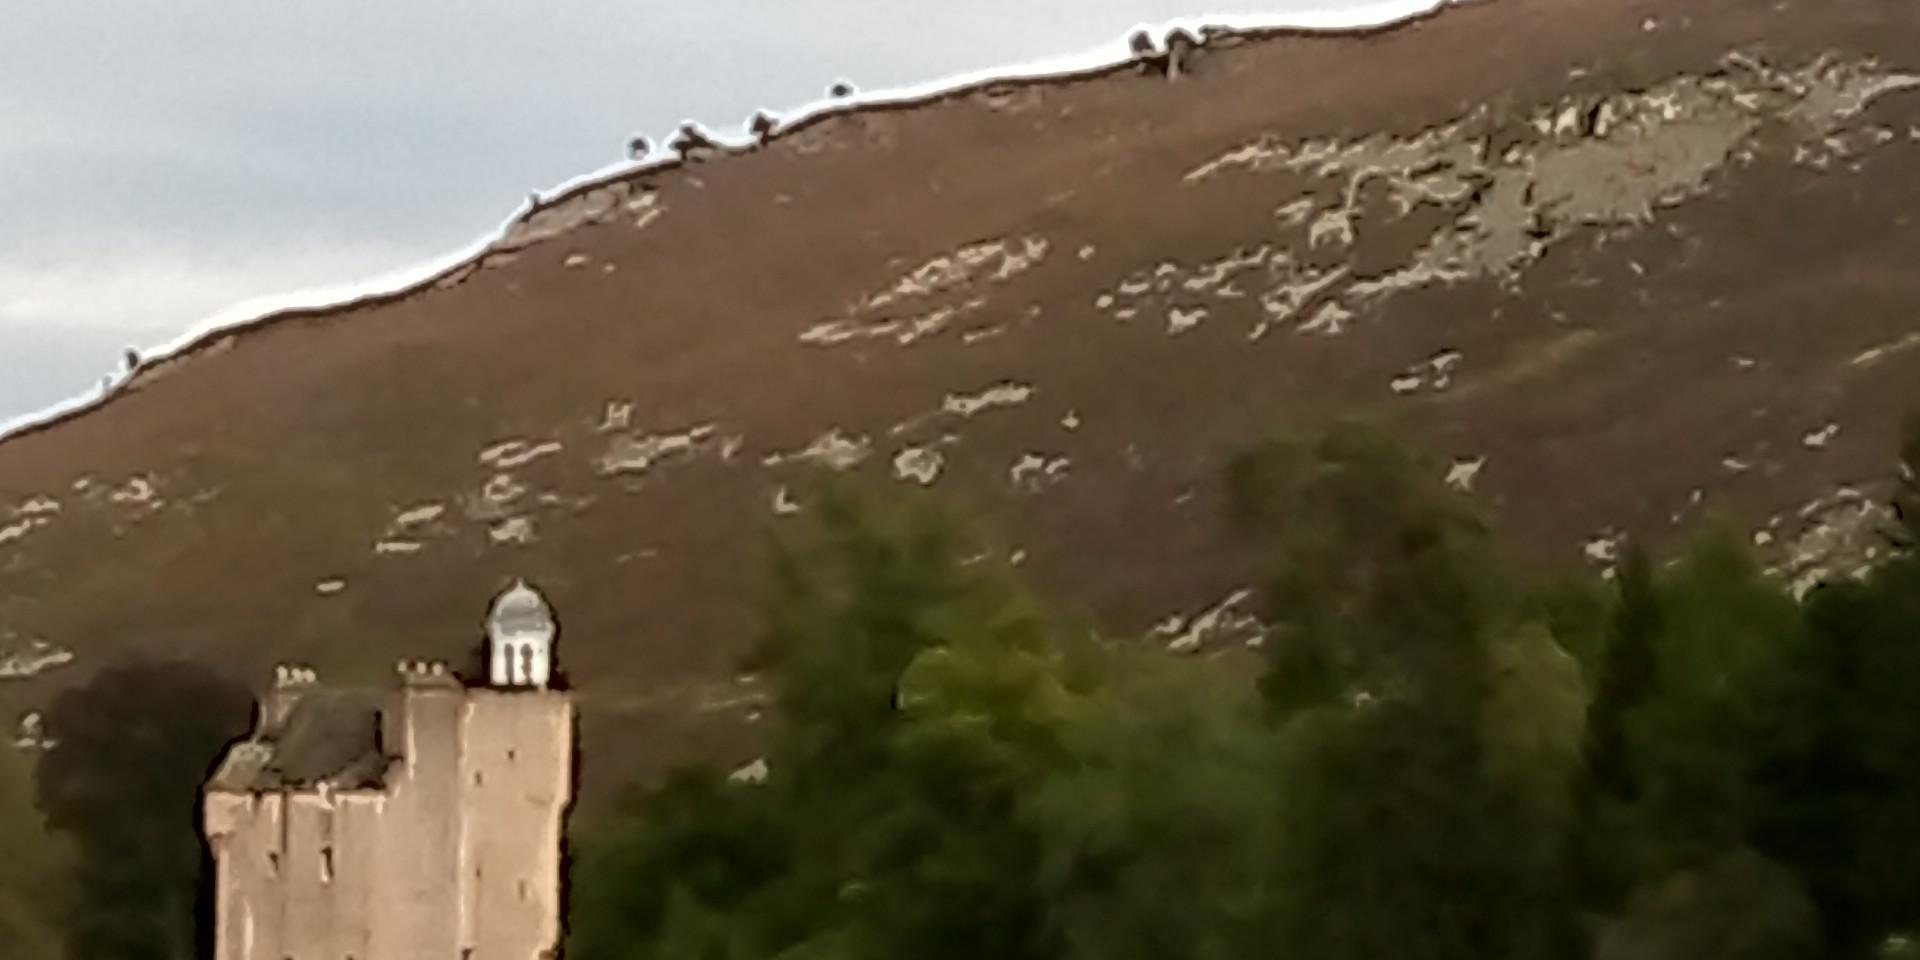 The Lairds Castle